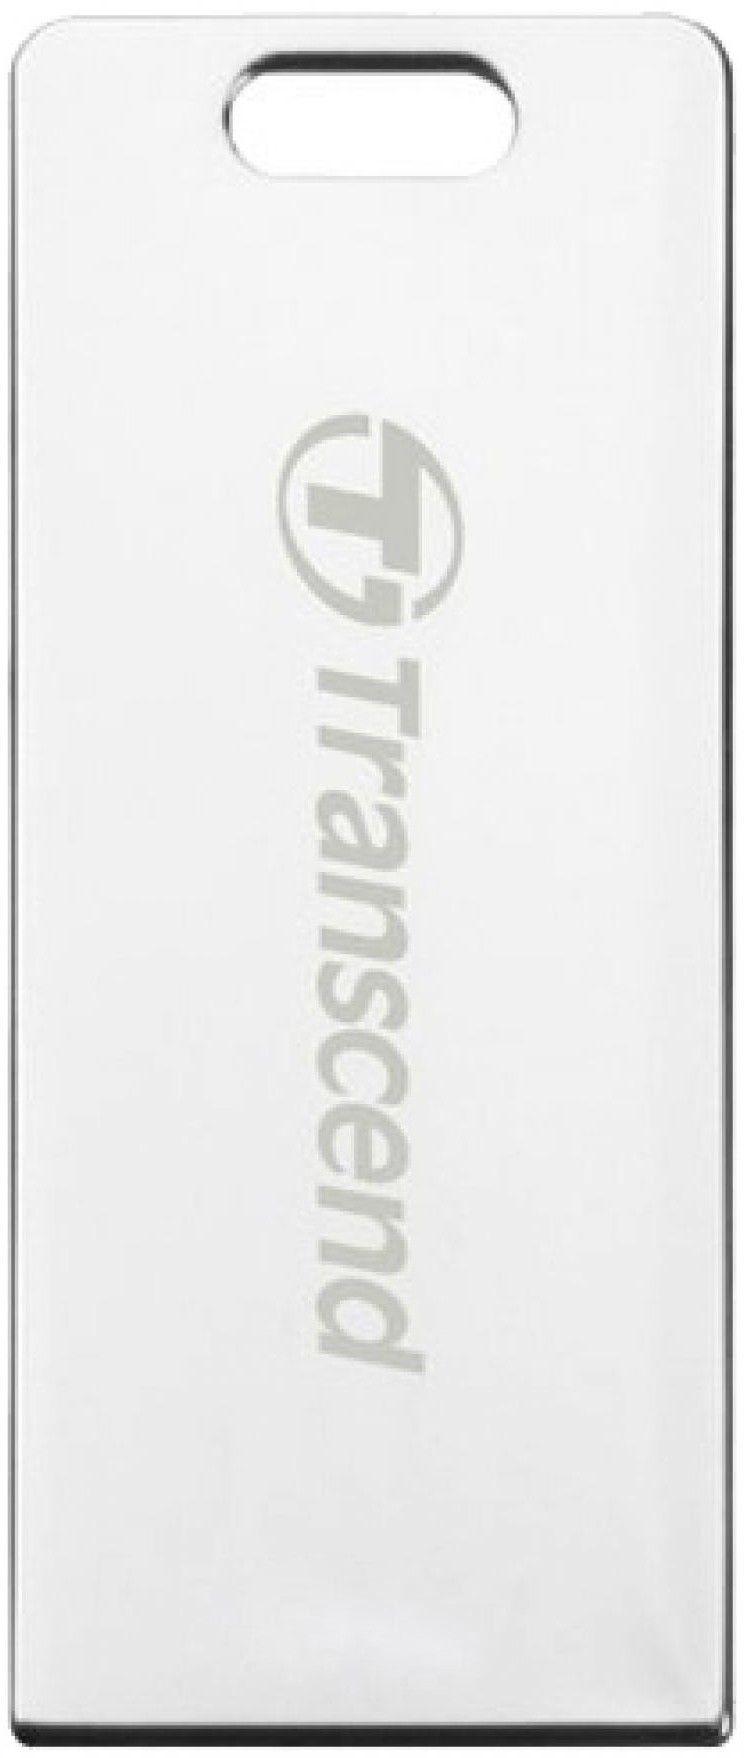 USB Flash Transcend JetFlash T3S 32Gb Silver - Фото 1